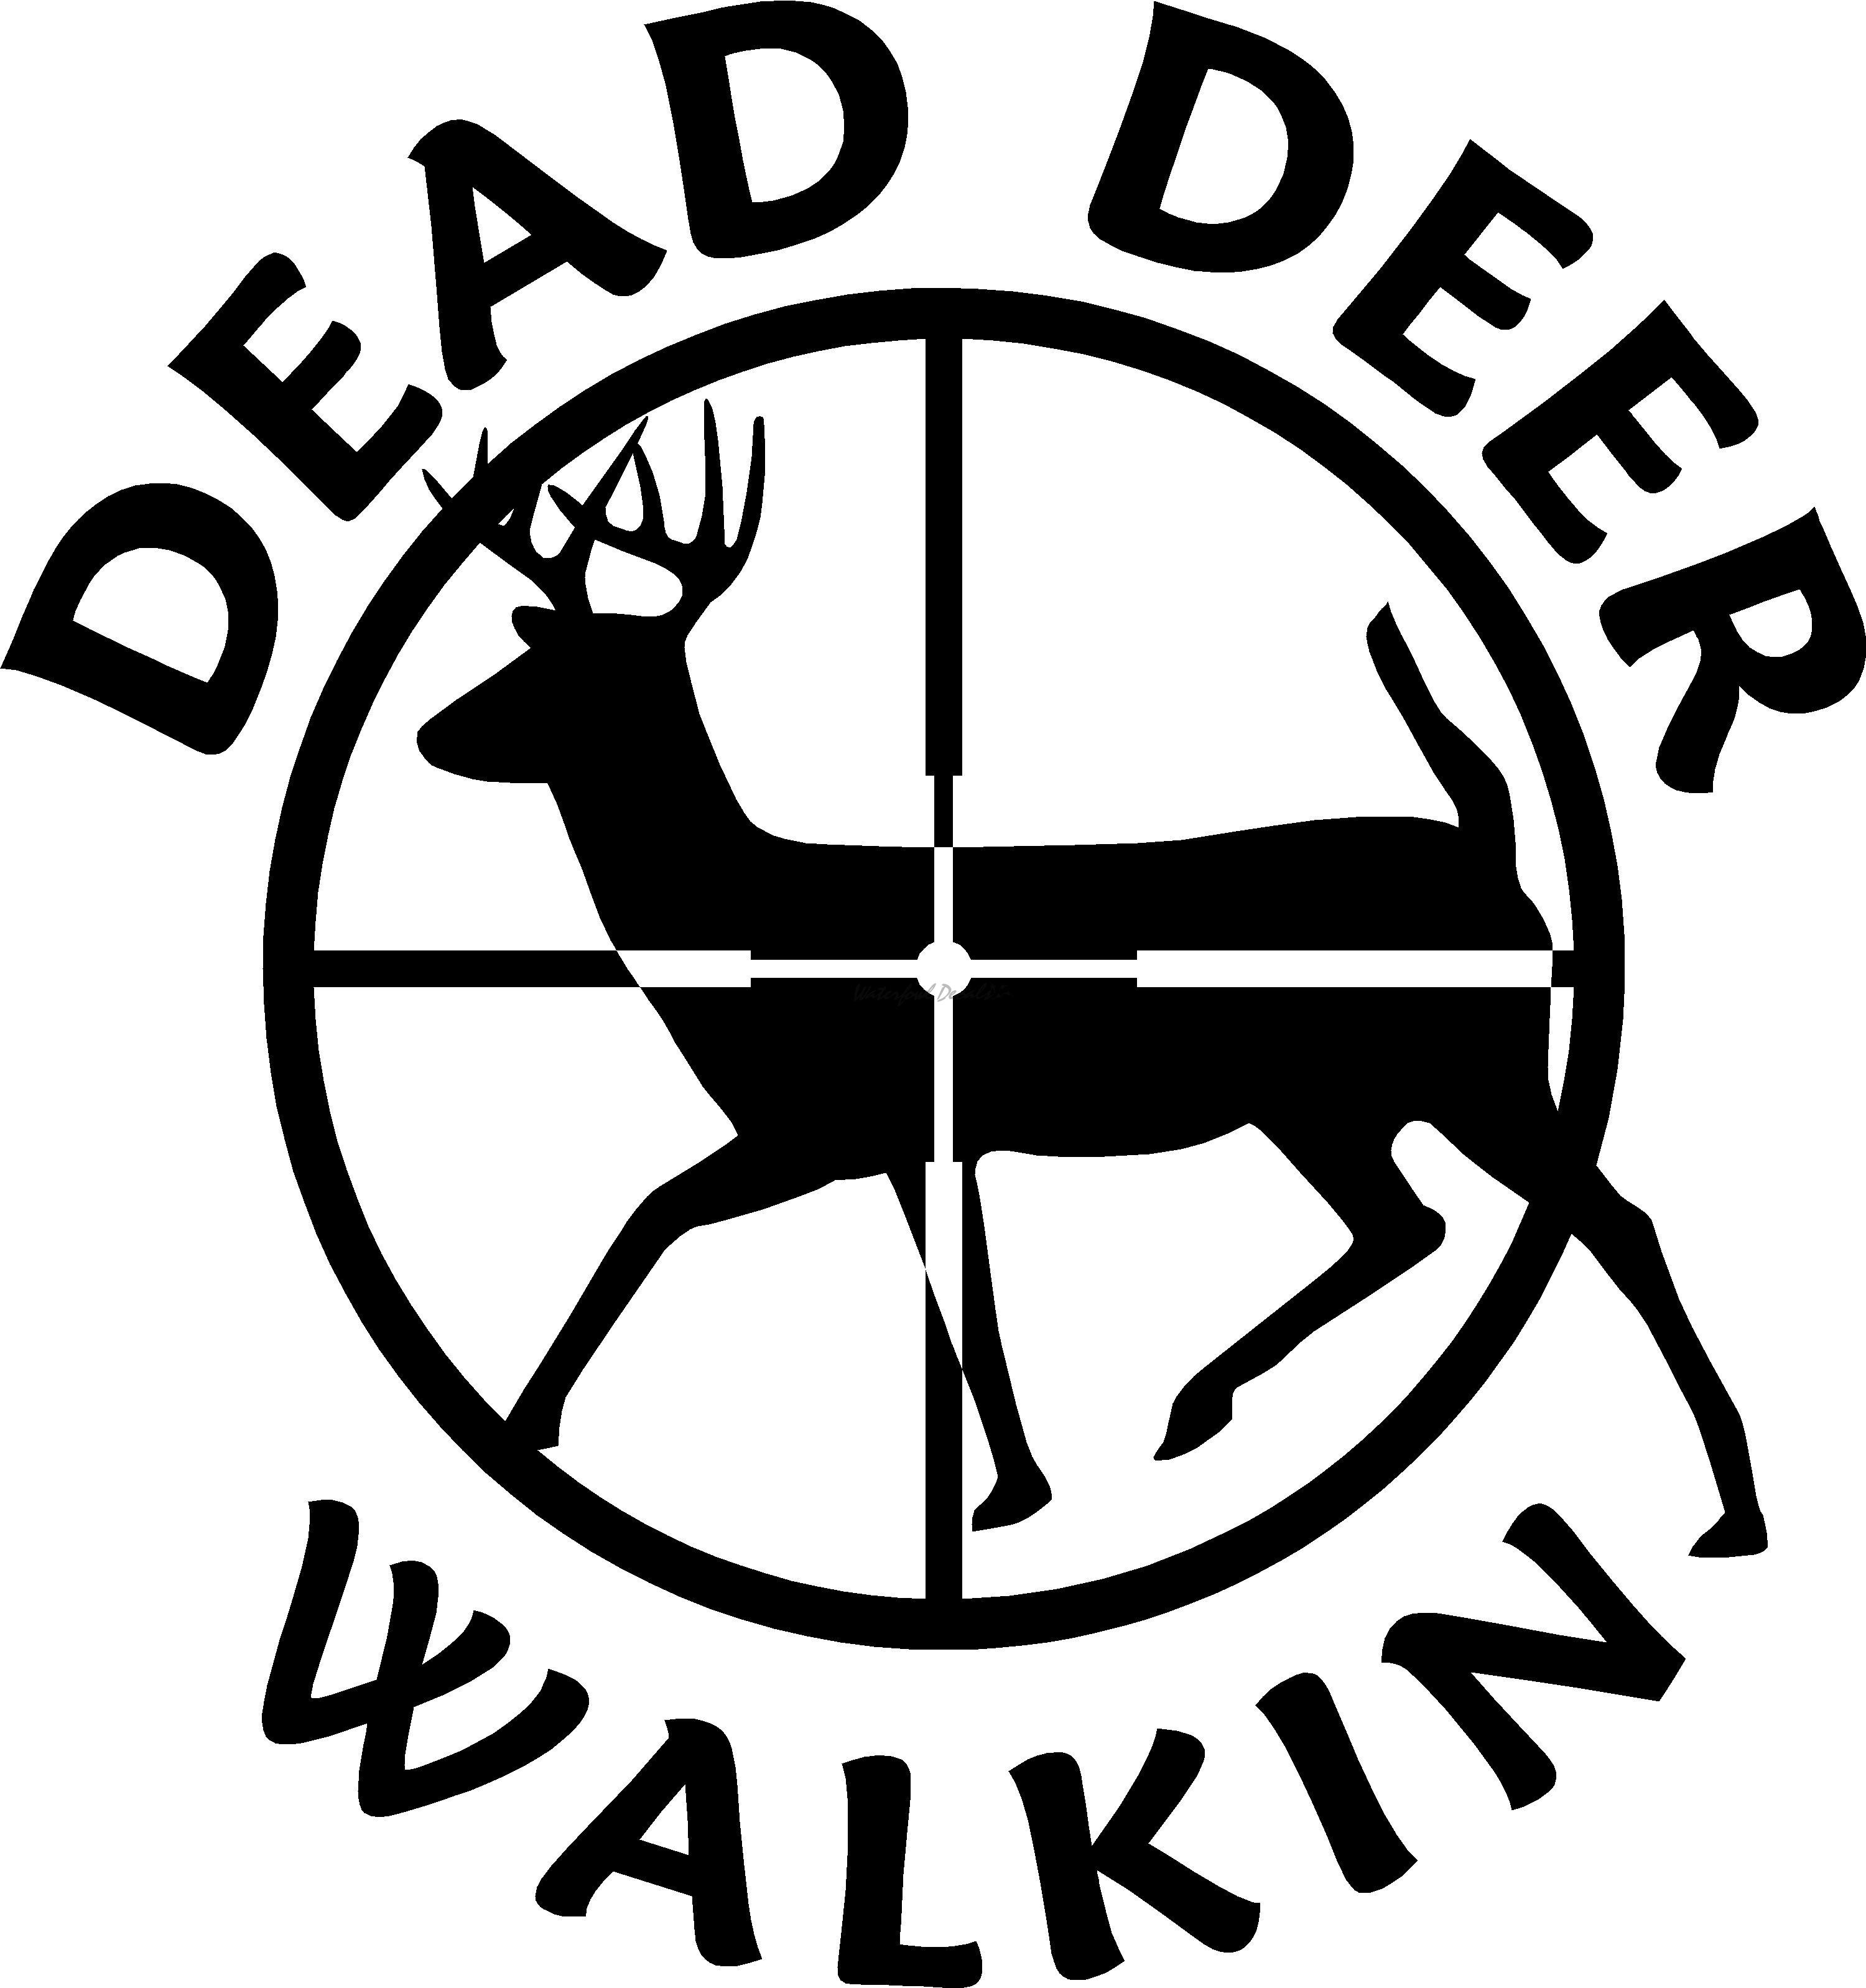 Dead Deer Walkin